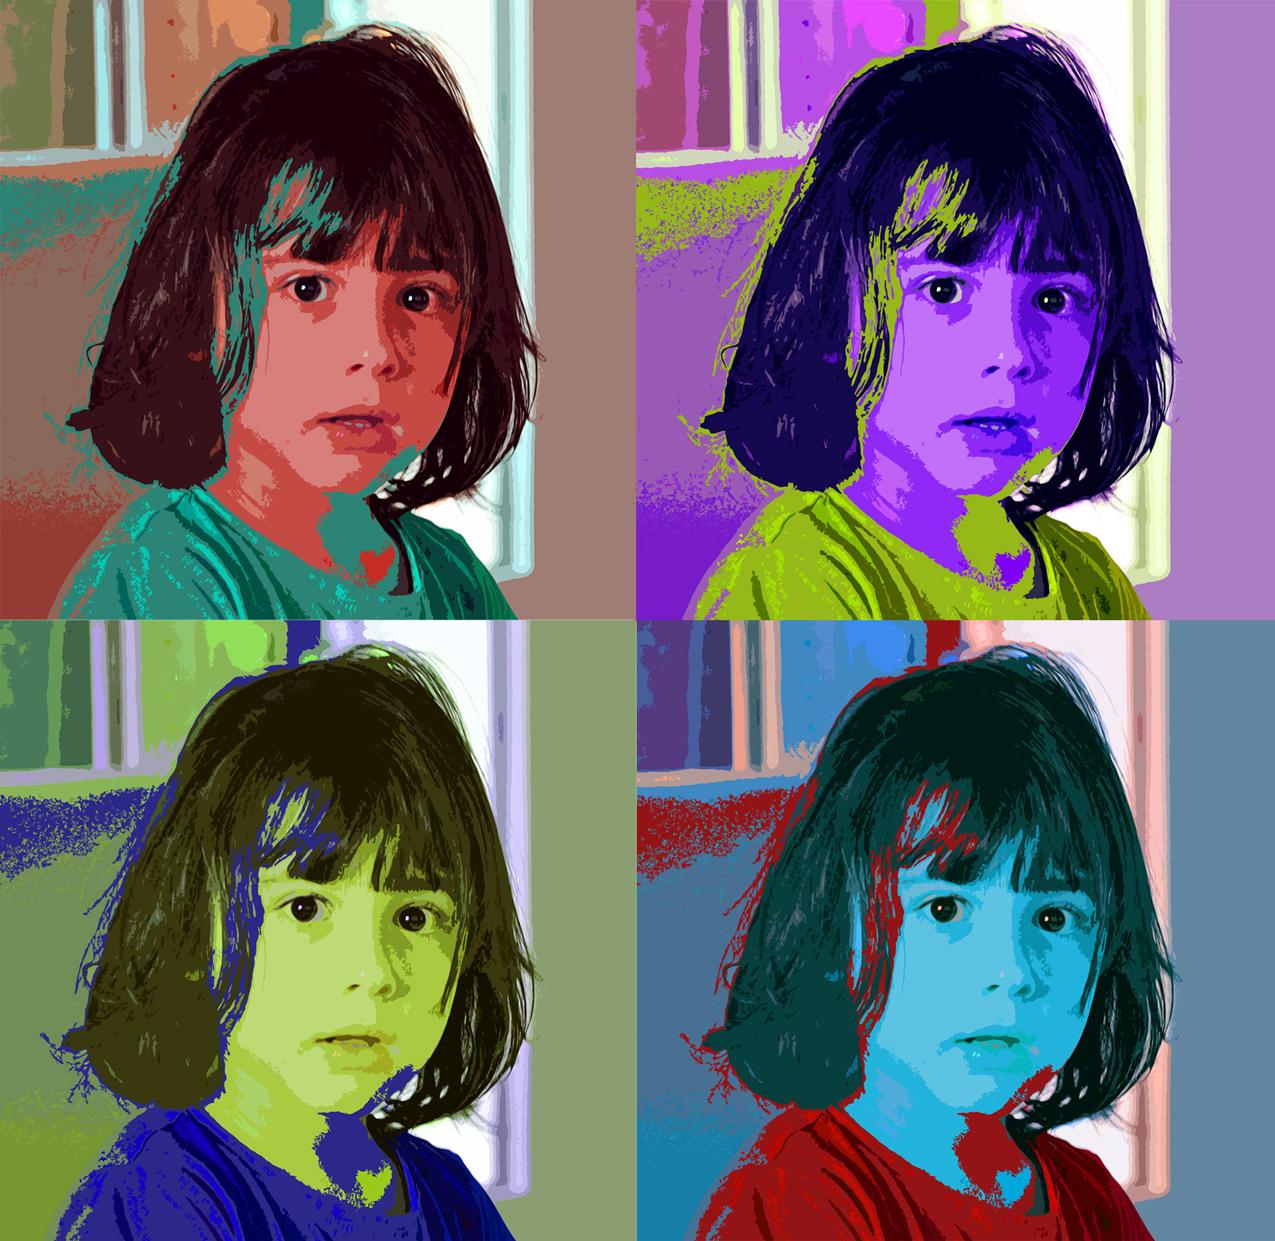 JLL_1_à la manière de Andy Warhol